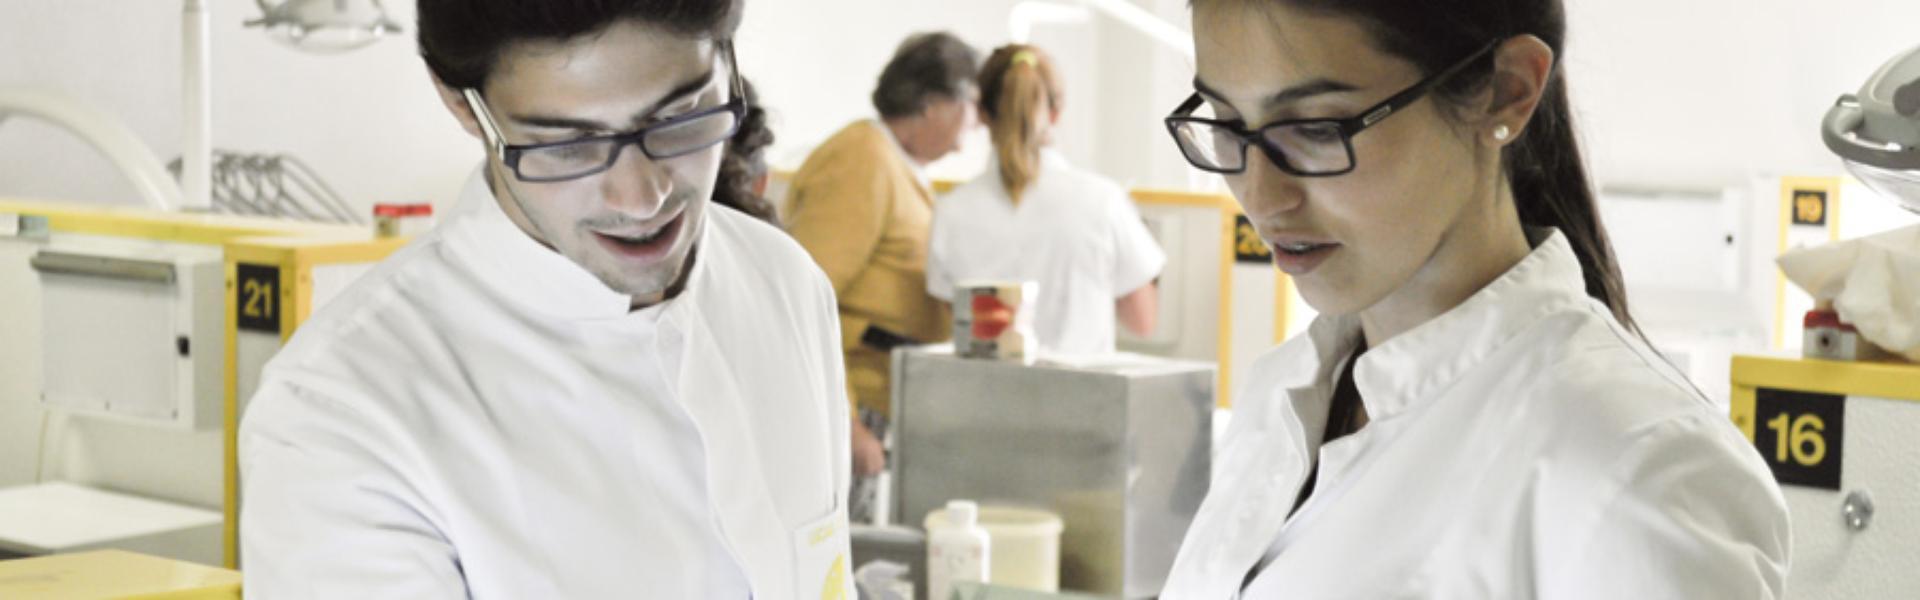 Candidaturas a Doutoramento na UC | Contacte-nos